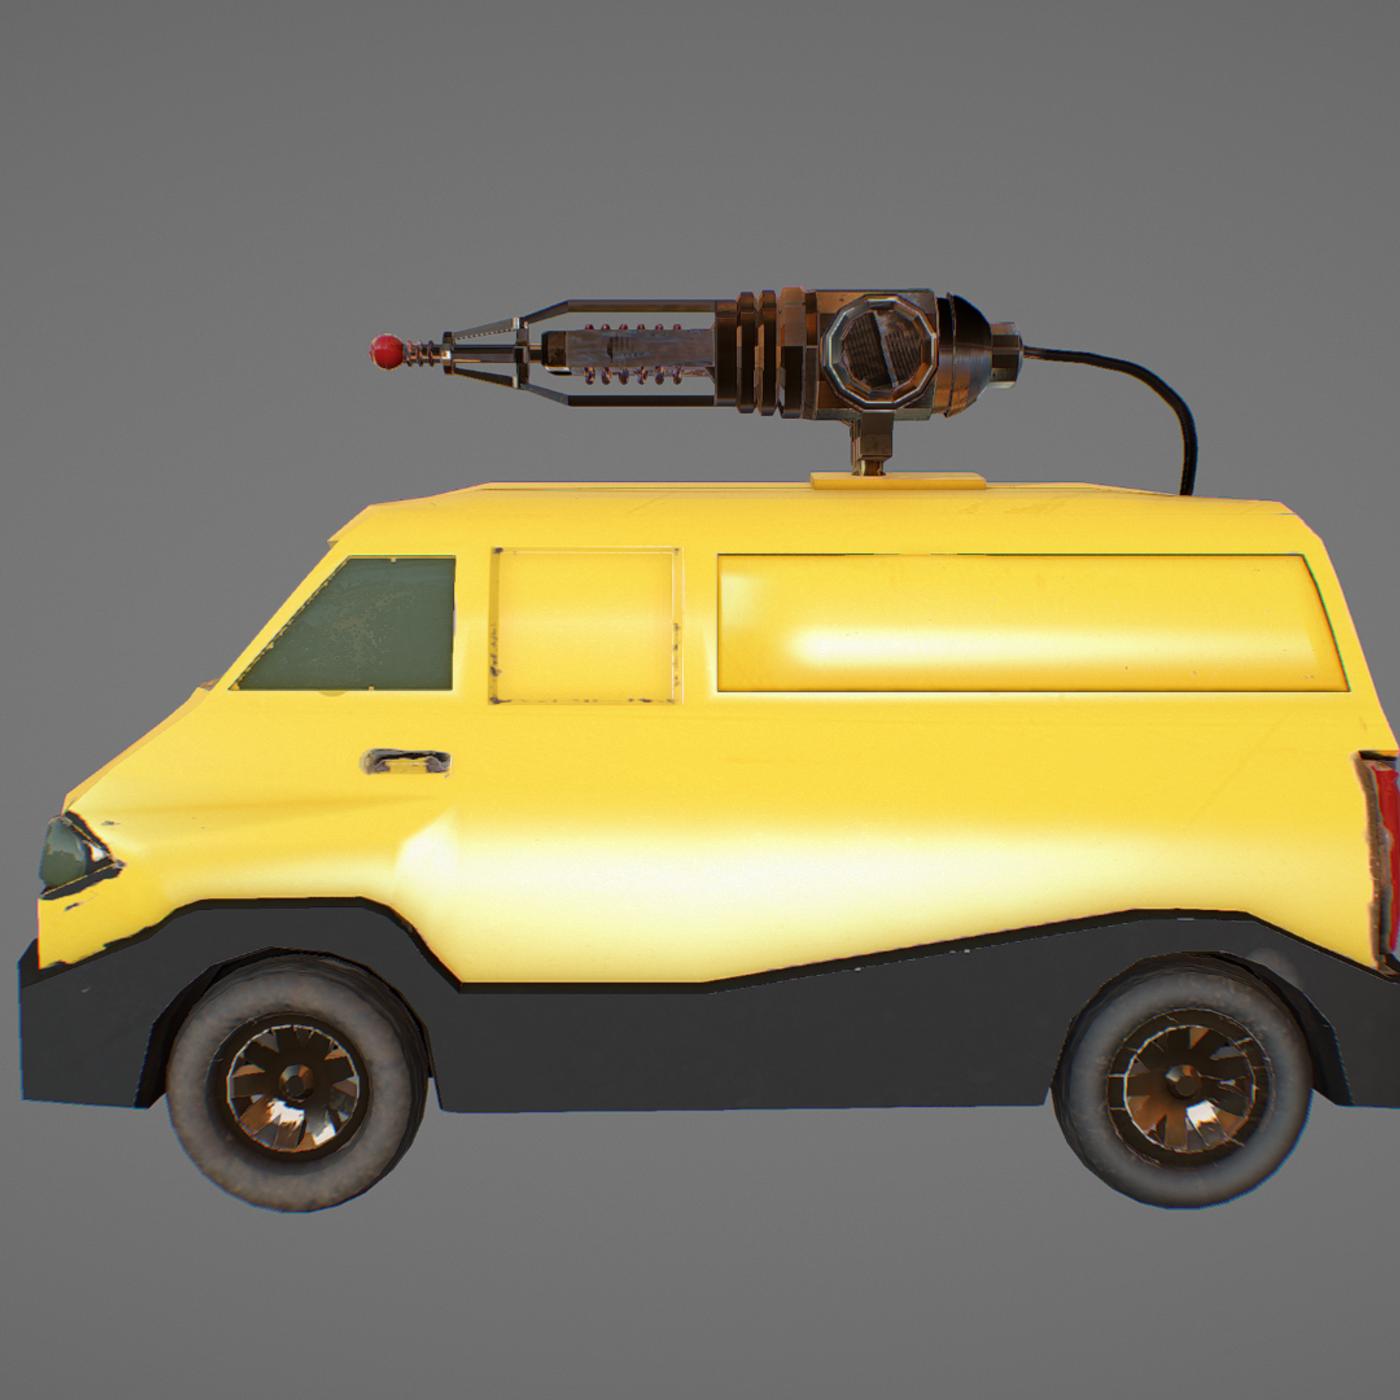 van with lasergun